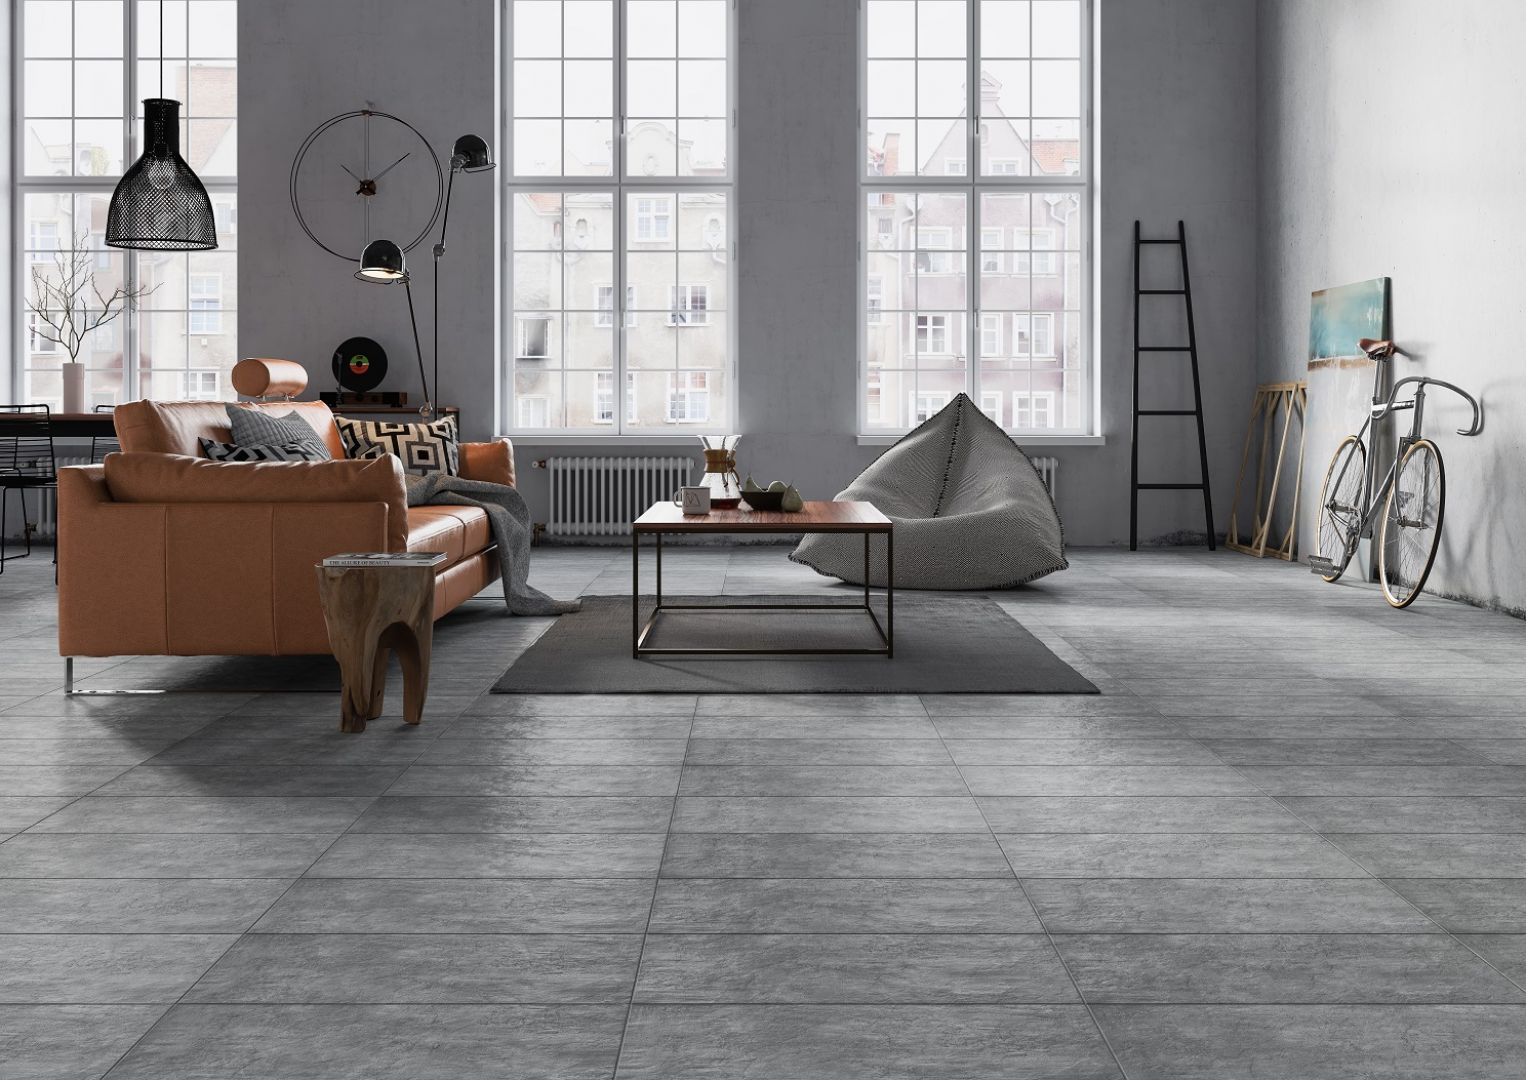 Wnętrza o zimnym i czasem dość niekonwencjonalnym stylu industrialnym mogą być jednocześnie bardzo funkcjonalne i przyjazne w użytkowaniu, również w pomieszczeniach o niewielkim metrażu. Fot. Opoczno